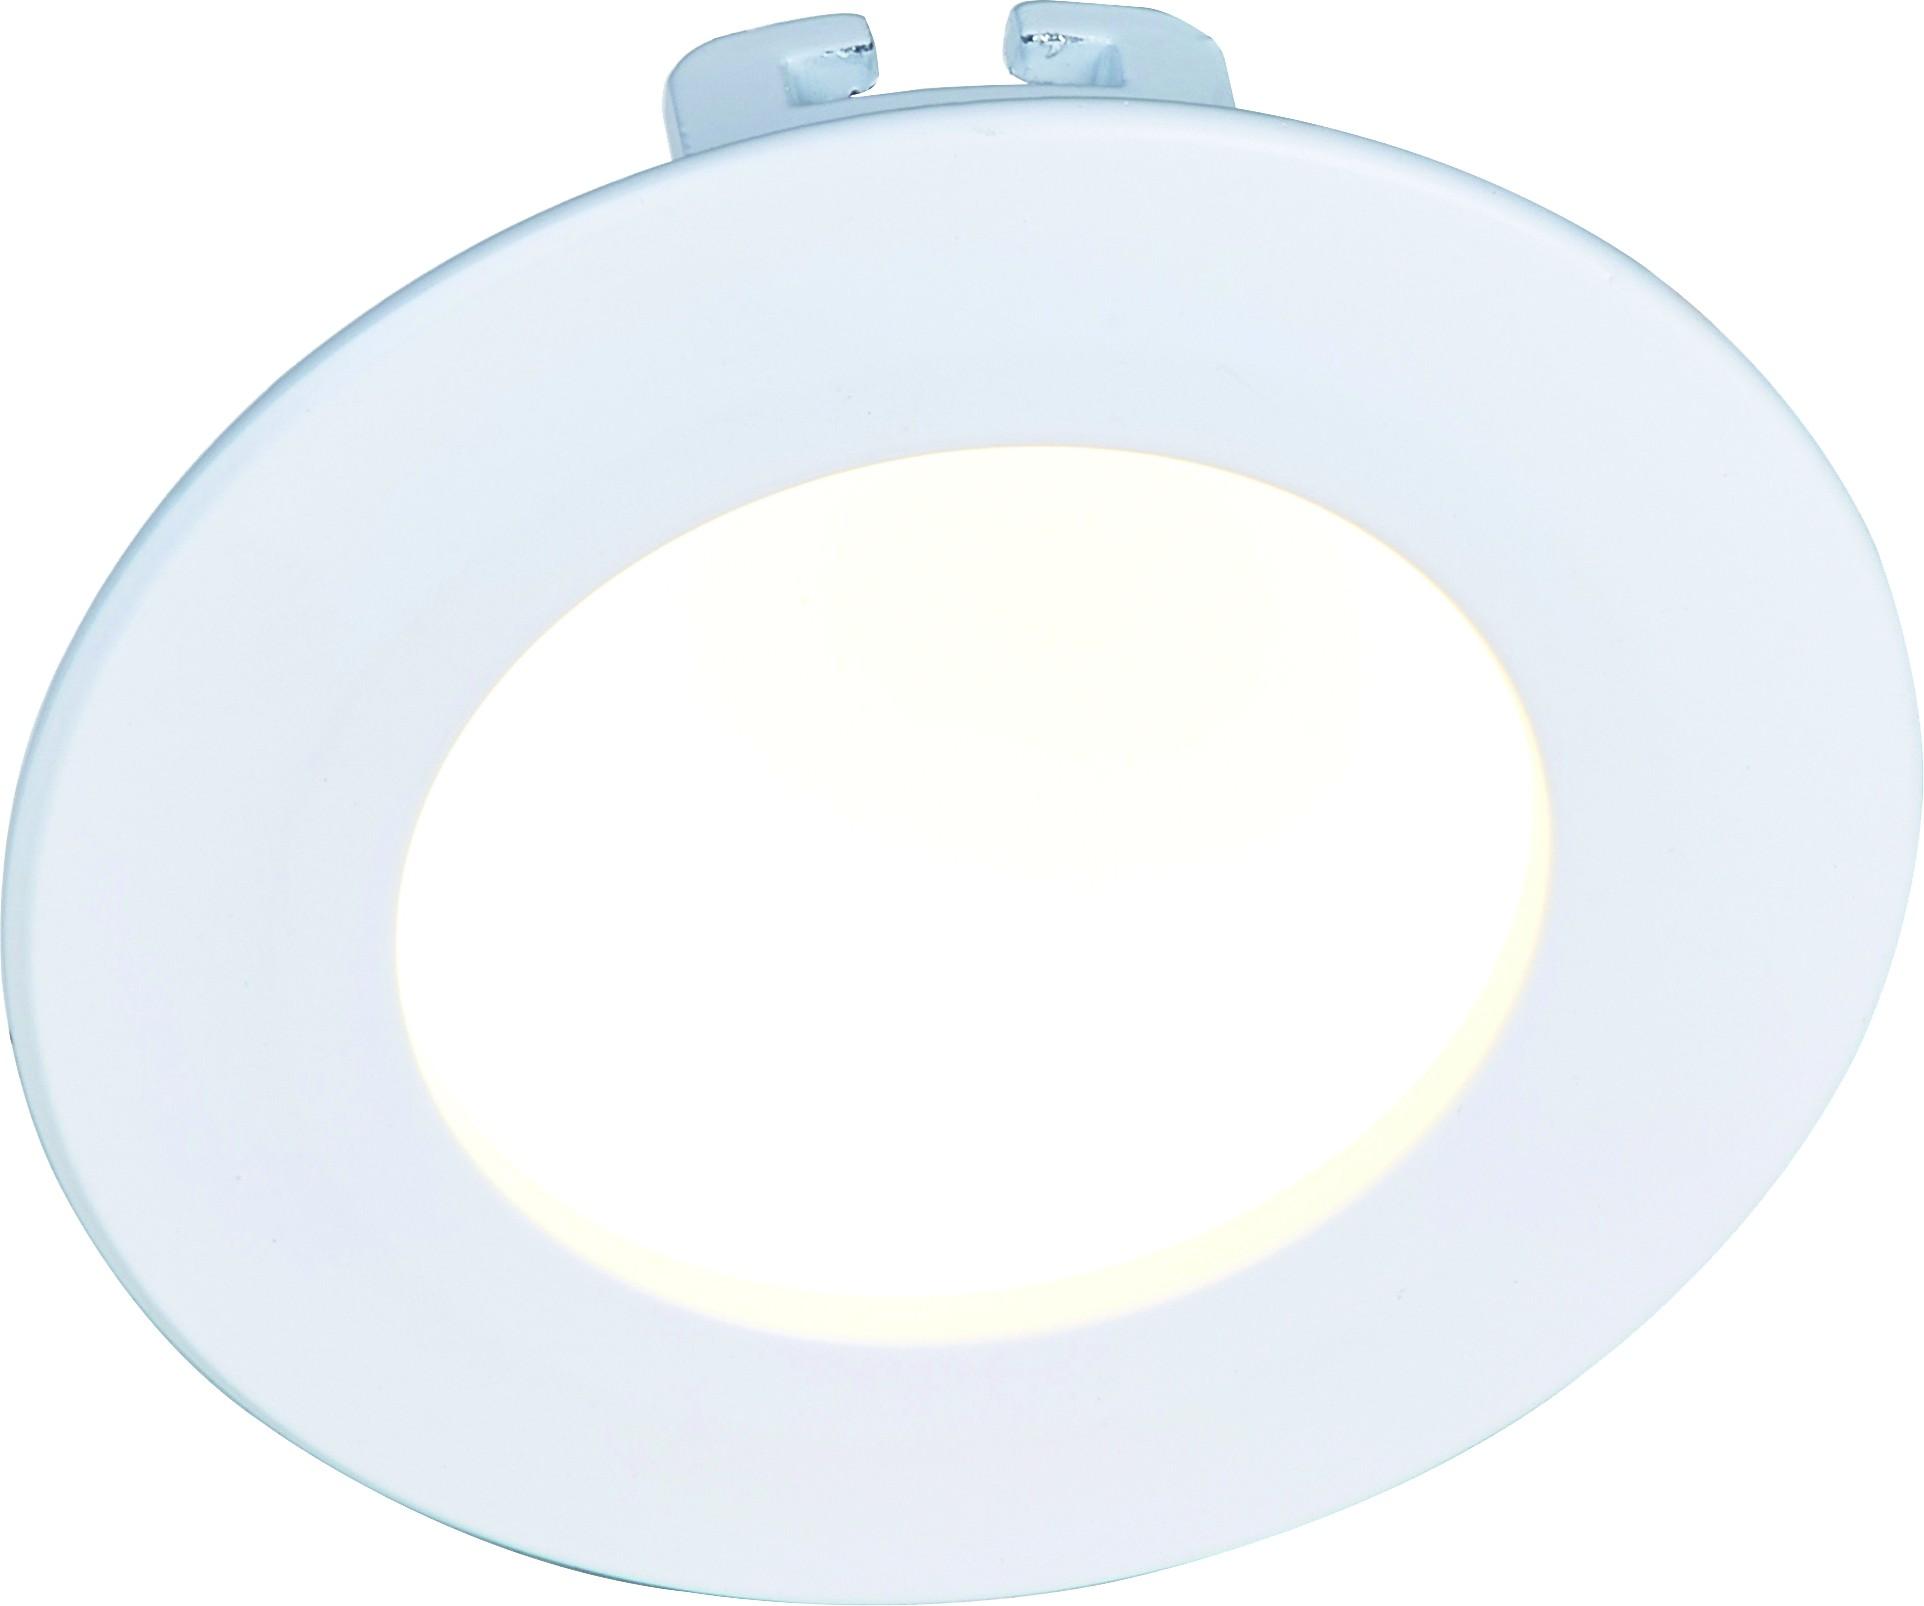 Светильник встраиваемый Arte lamp A7008pl-1wh arte lamp встраиваемый светодиодный светильник arte lamp cardani a1212pl 1wh